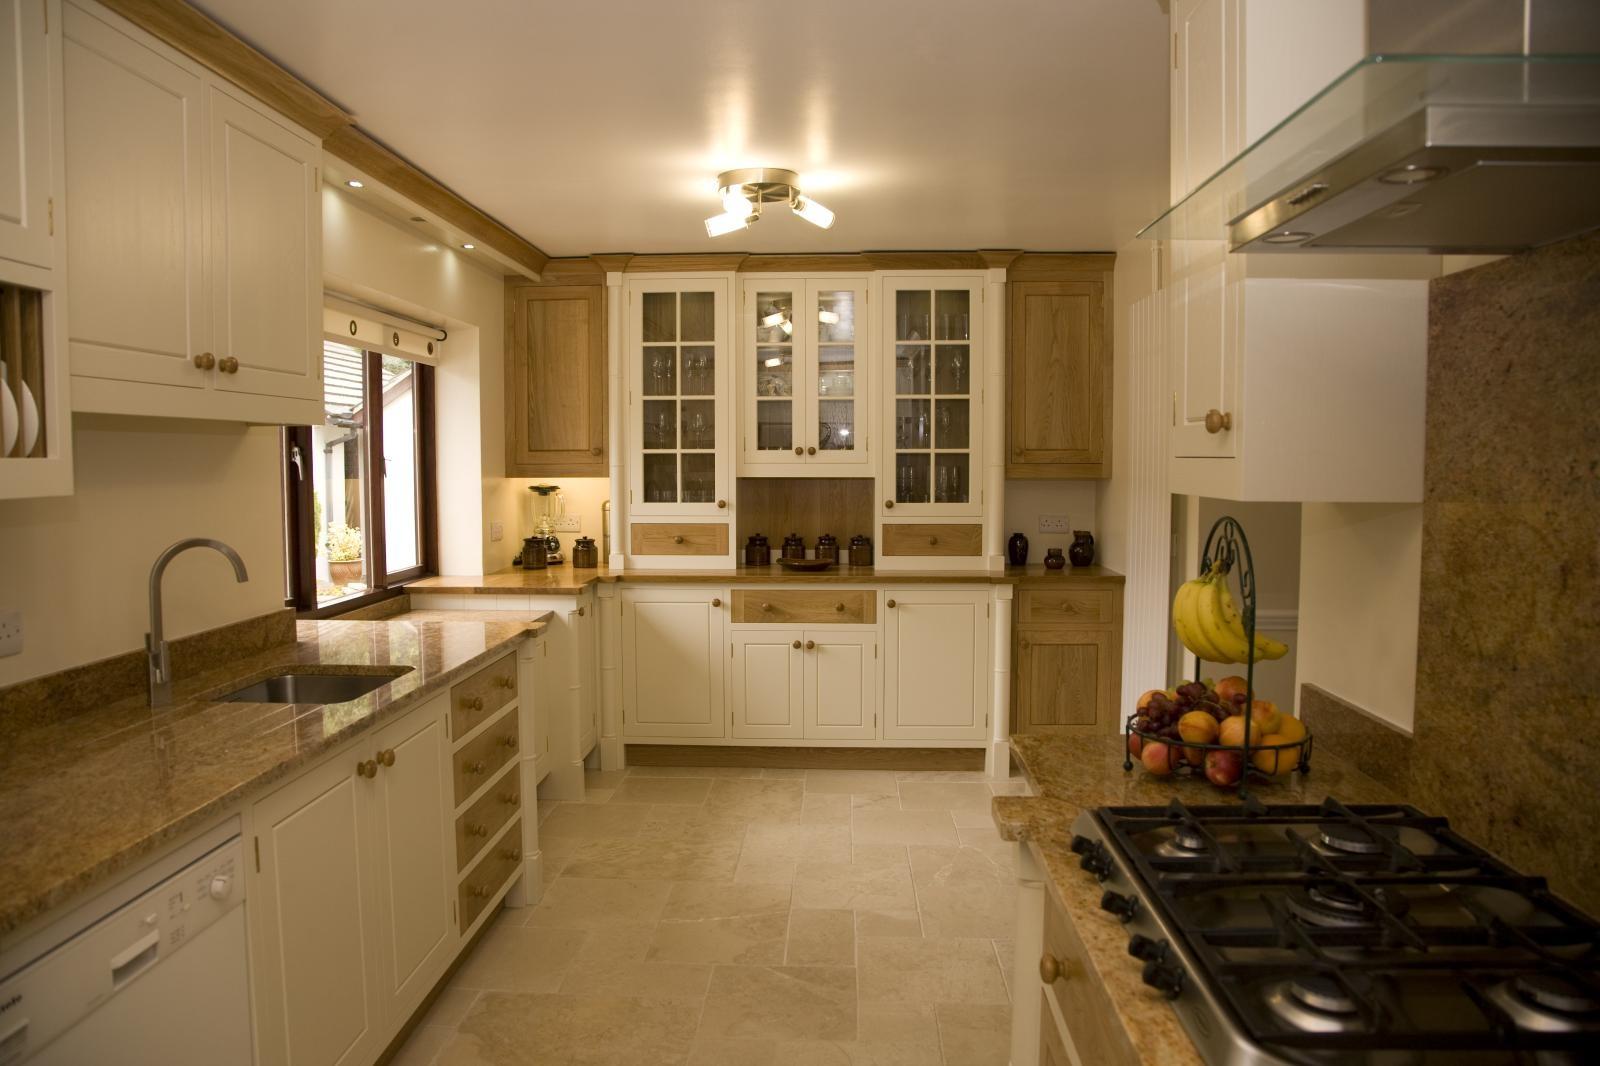 187 Painted Oak Kitchen Llanrhystud